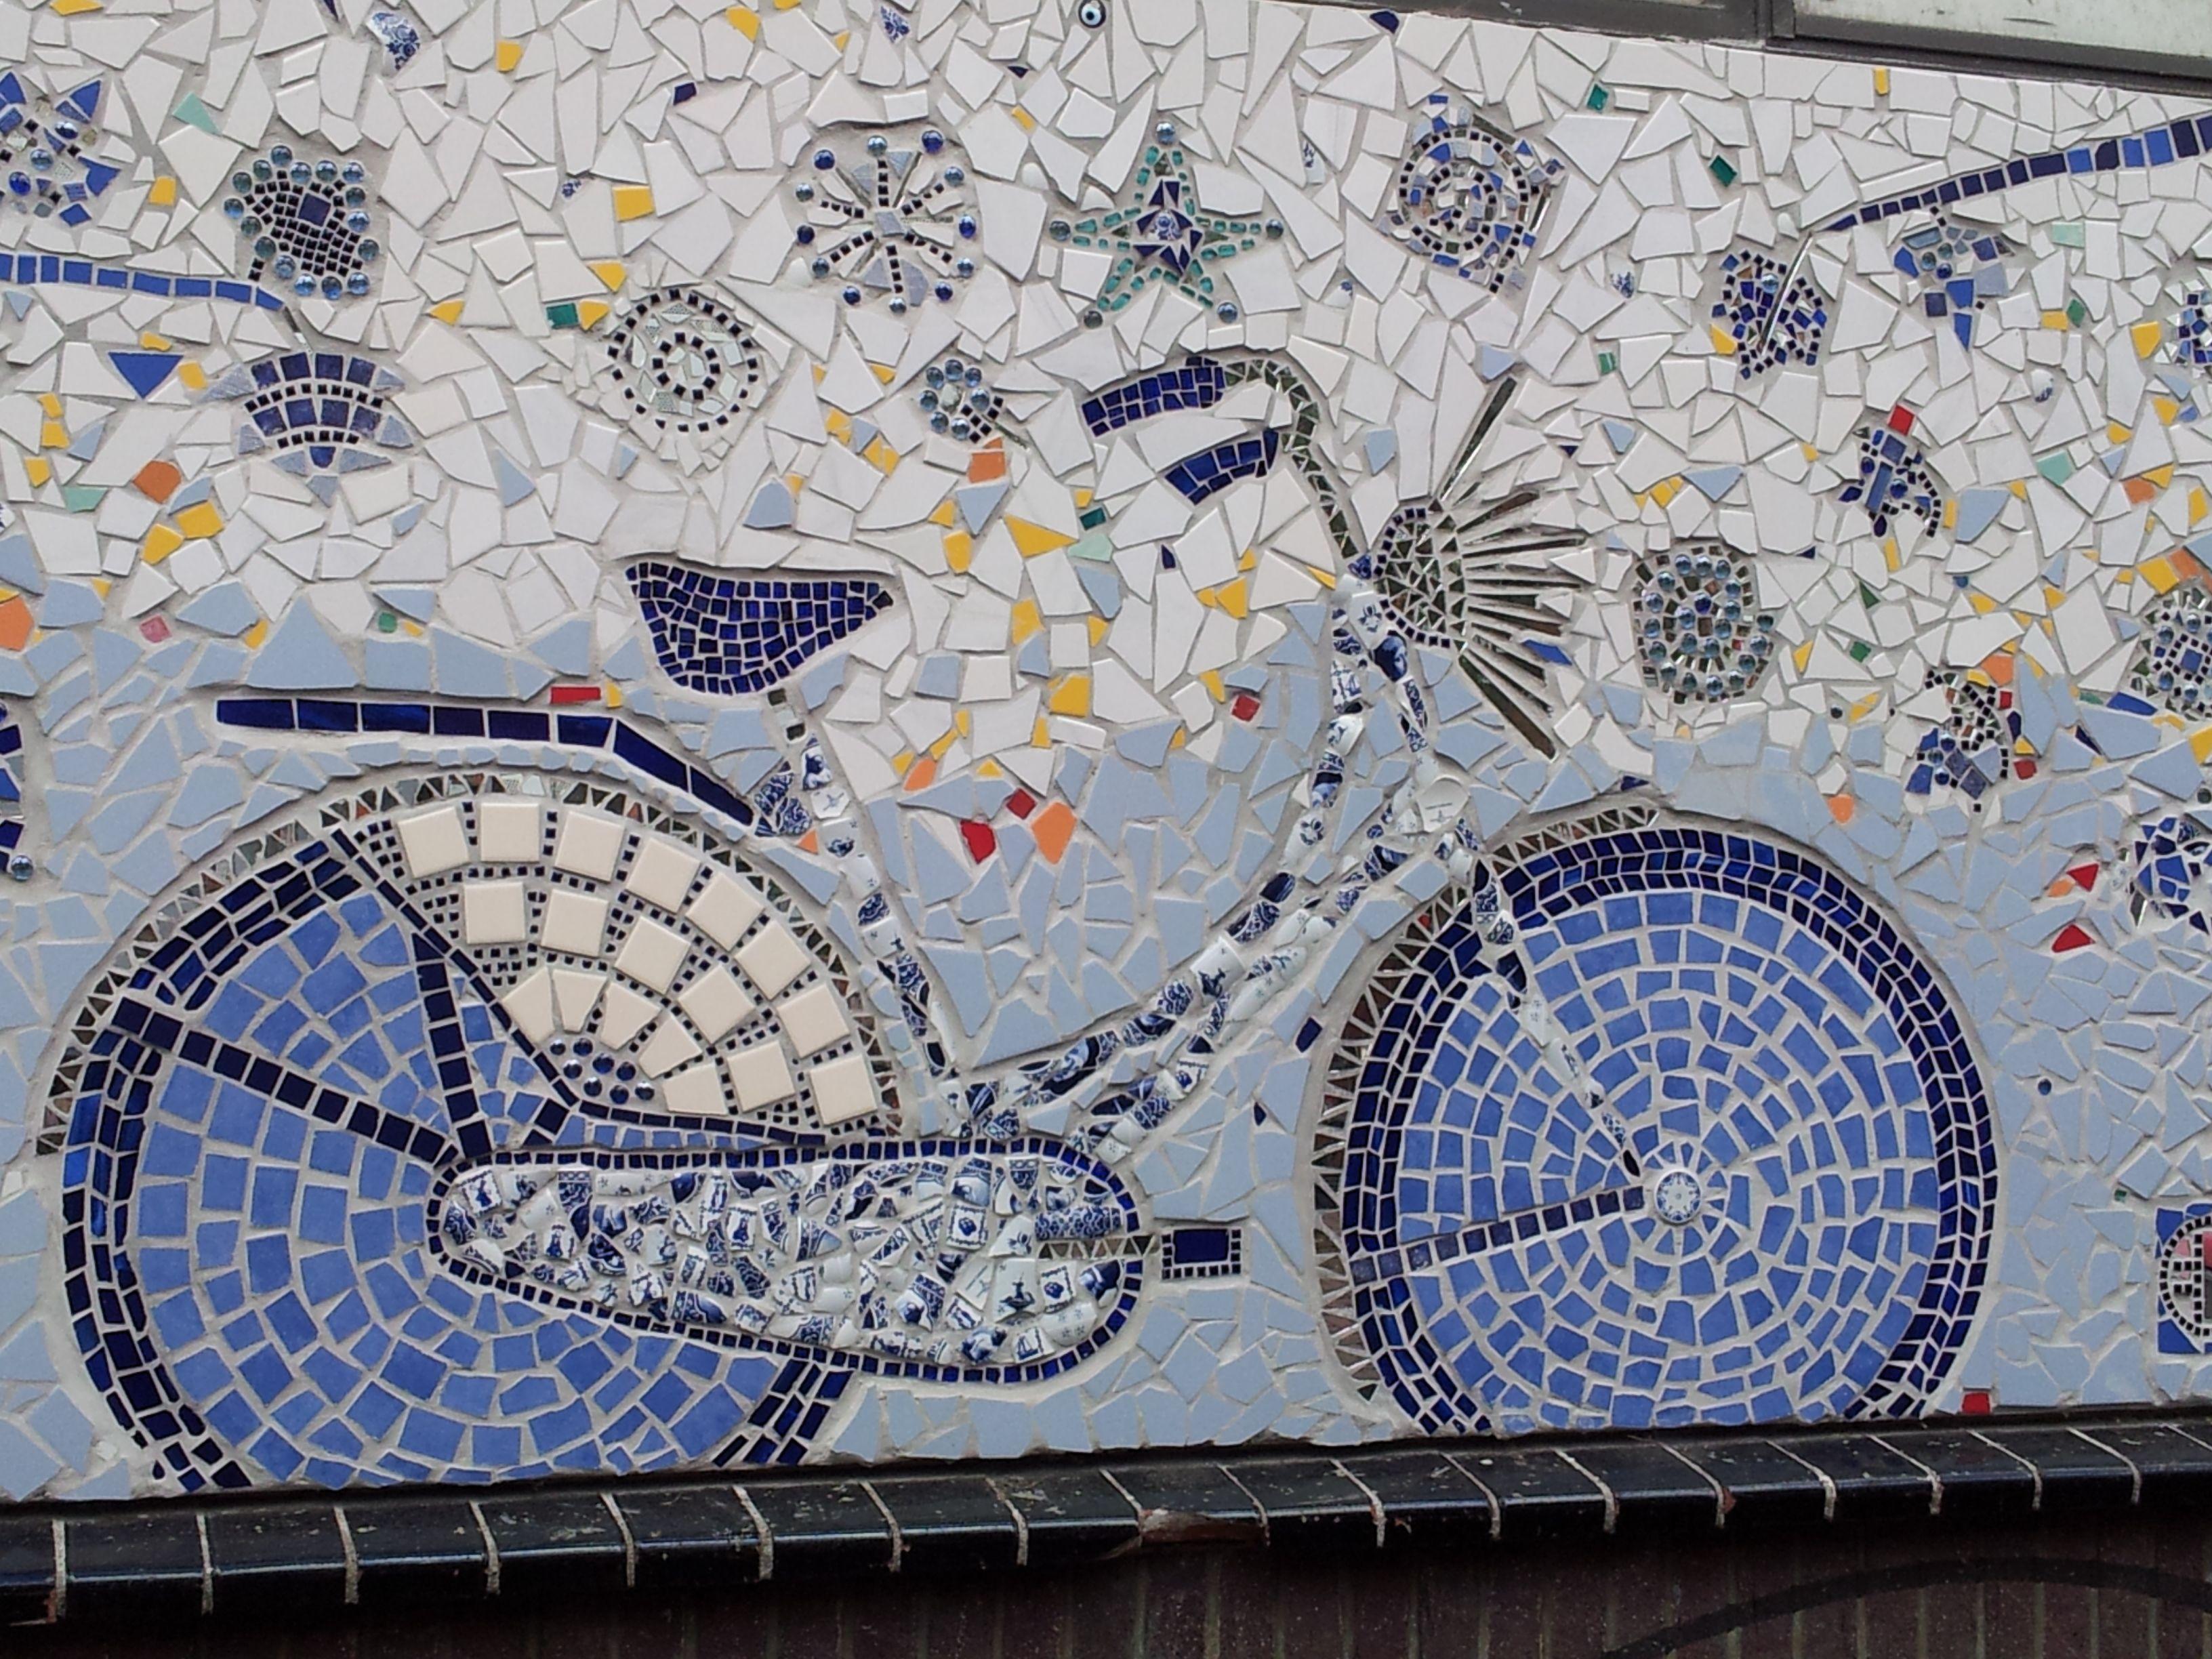 Pinterest for Delft tile mural